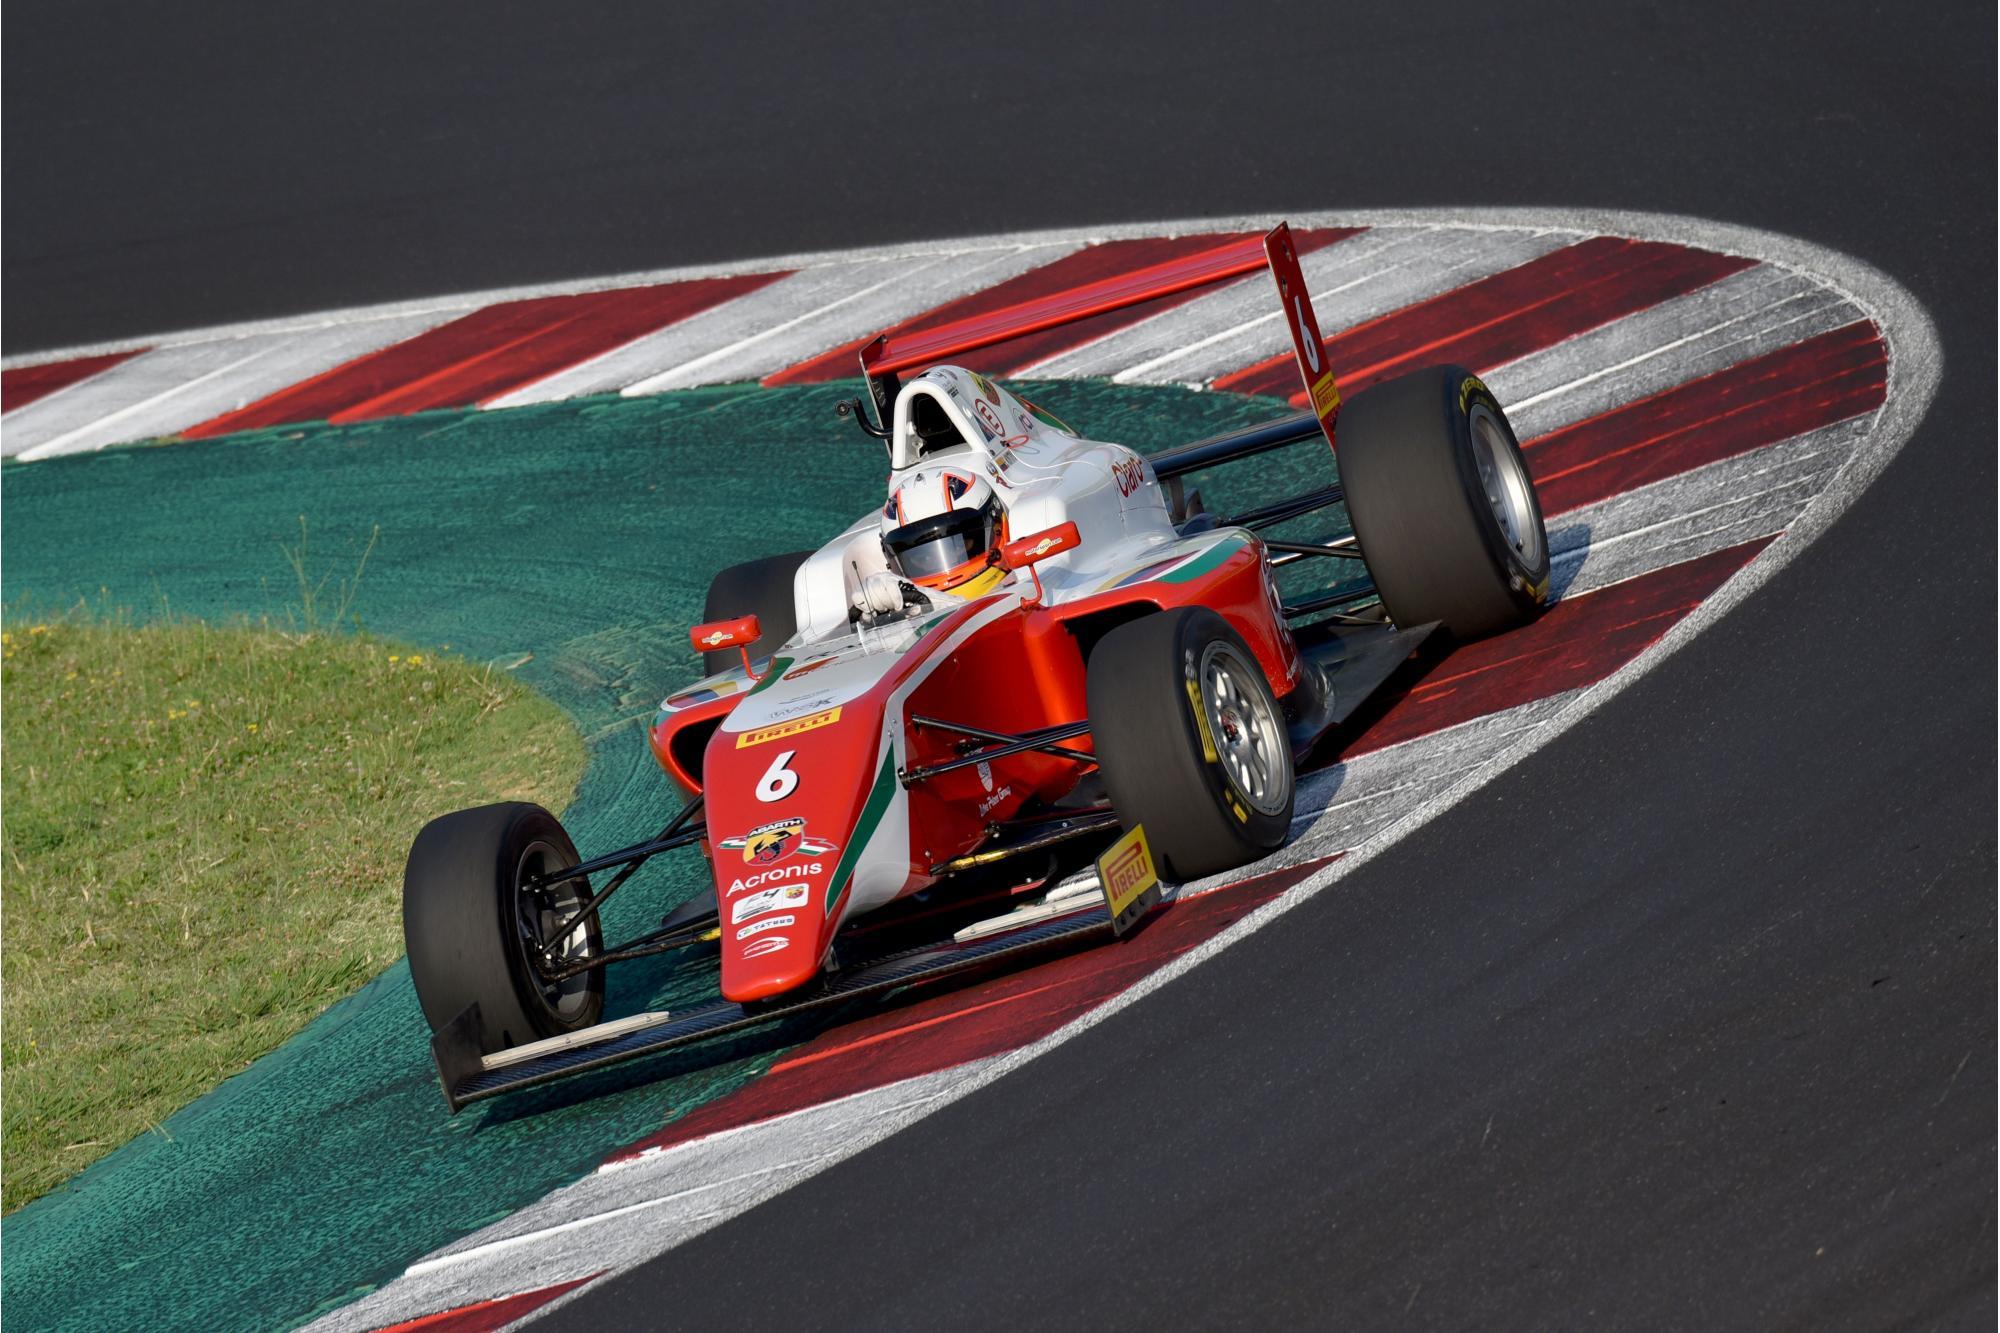 Οι κινητήρες της Abarth επιστρέφουν στα grid των Πρωταθλημάτων της F4